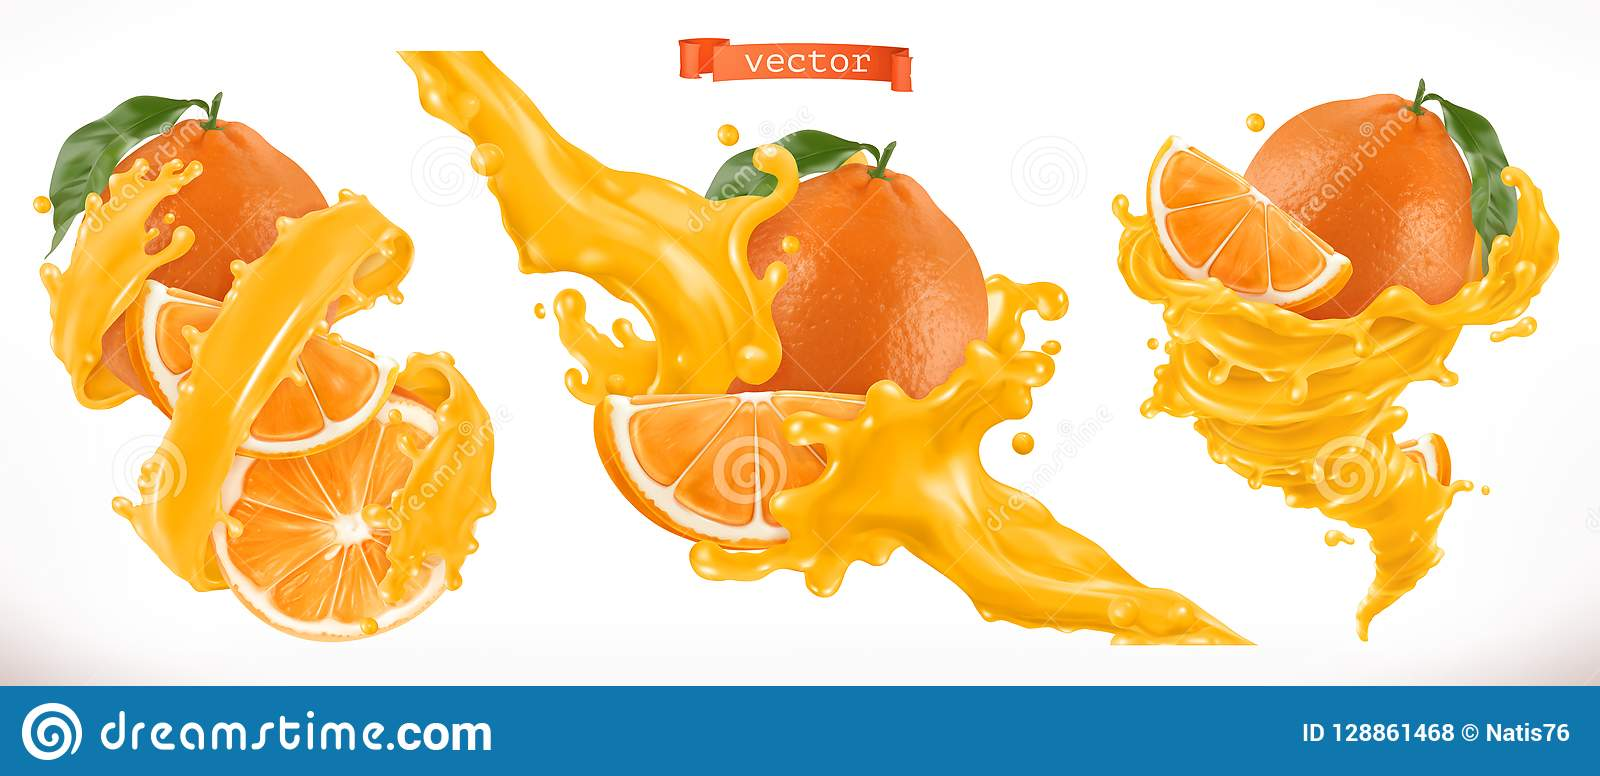 Jus d orange Icône de vecteur du fruit frais 3d